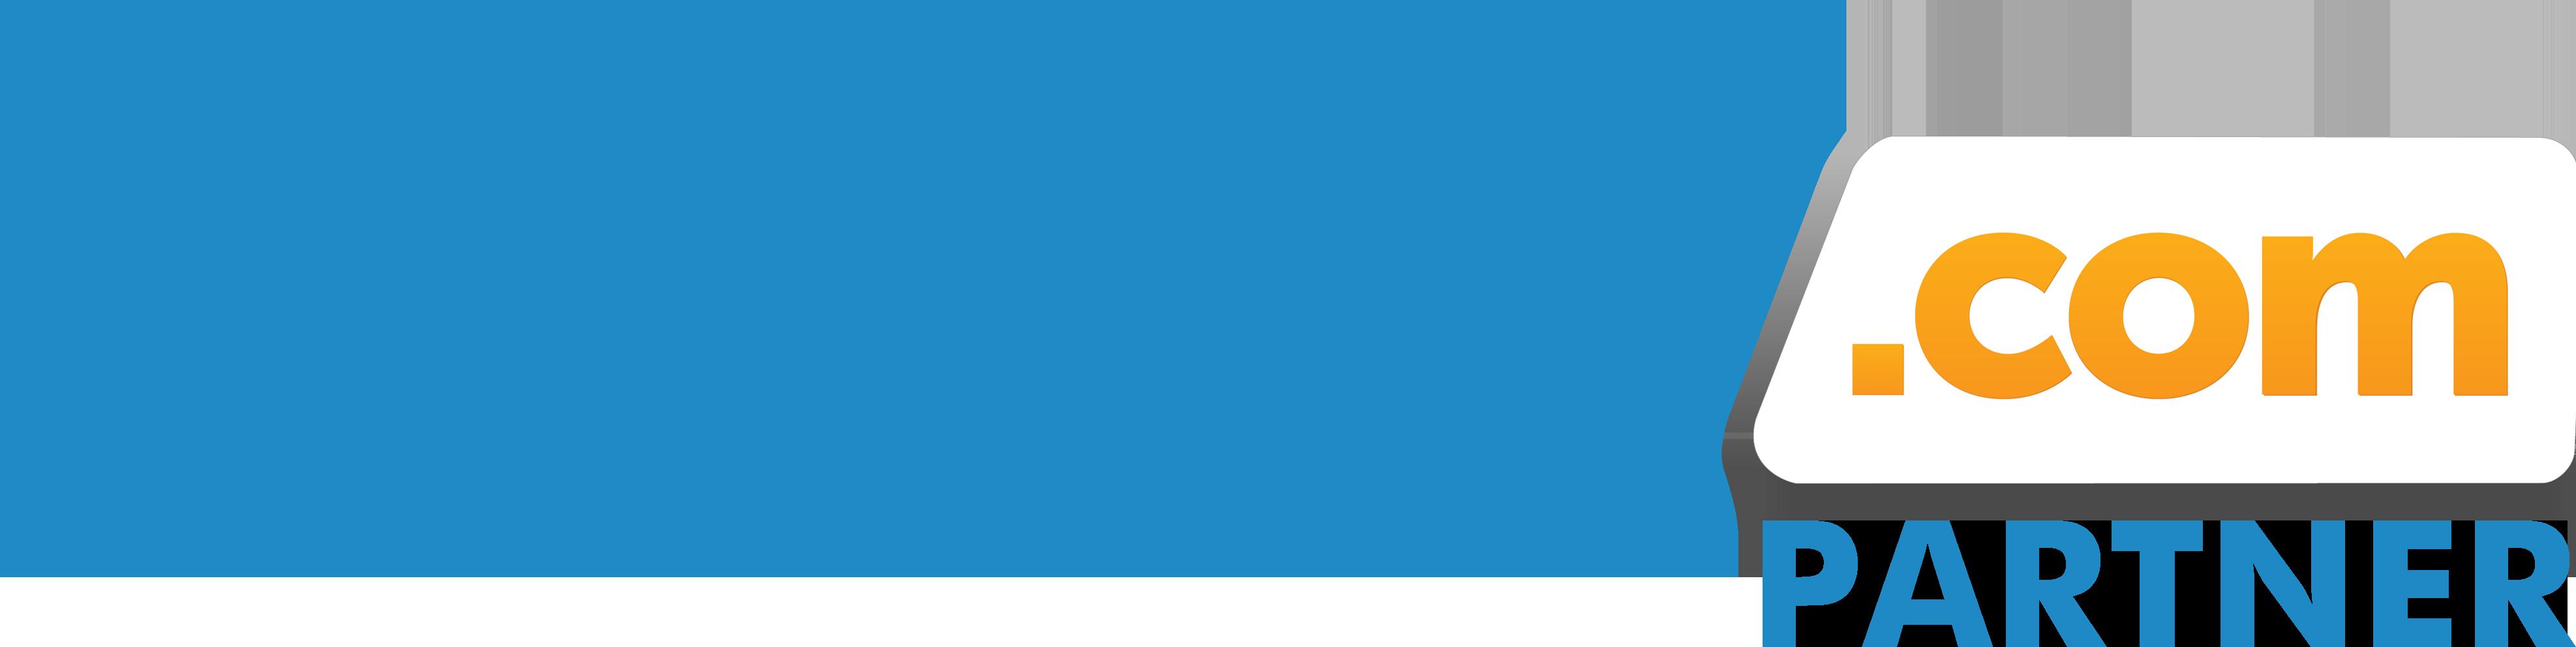 On Buy Partner